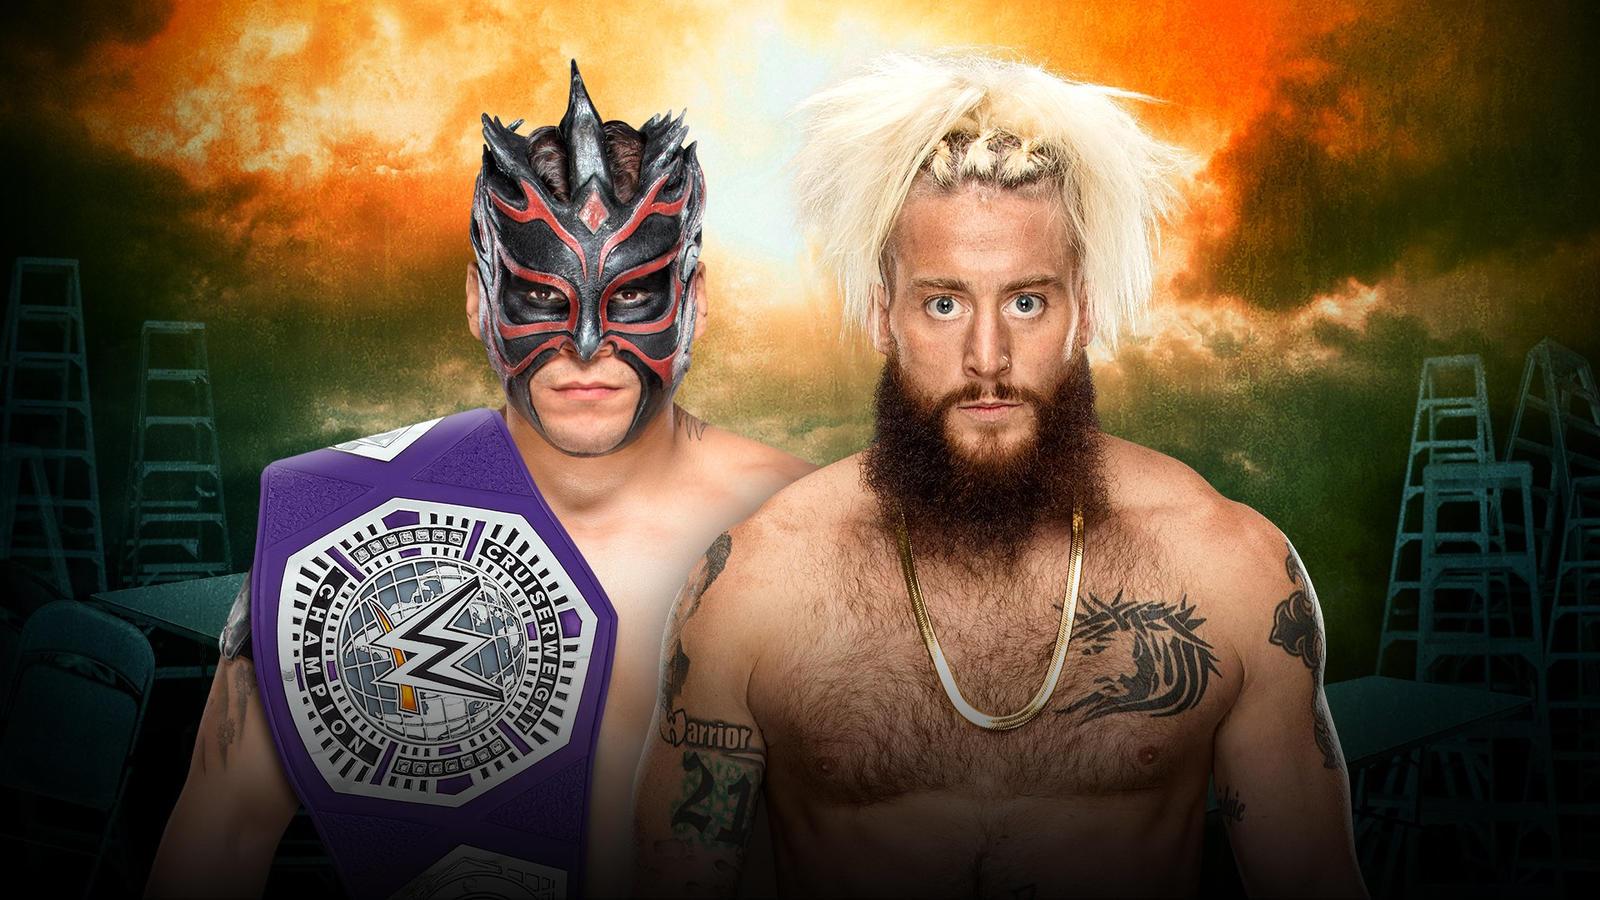 Confirmed and Potential Matches for WWE TLC 2017 20171006_TLC_EnzoKalisto2_TEMP--db88b38dd09a74ee6ef632b1b6badd39